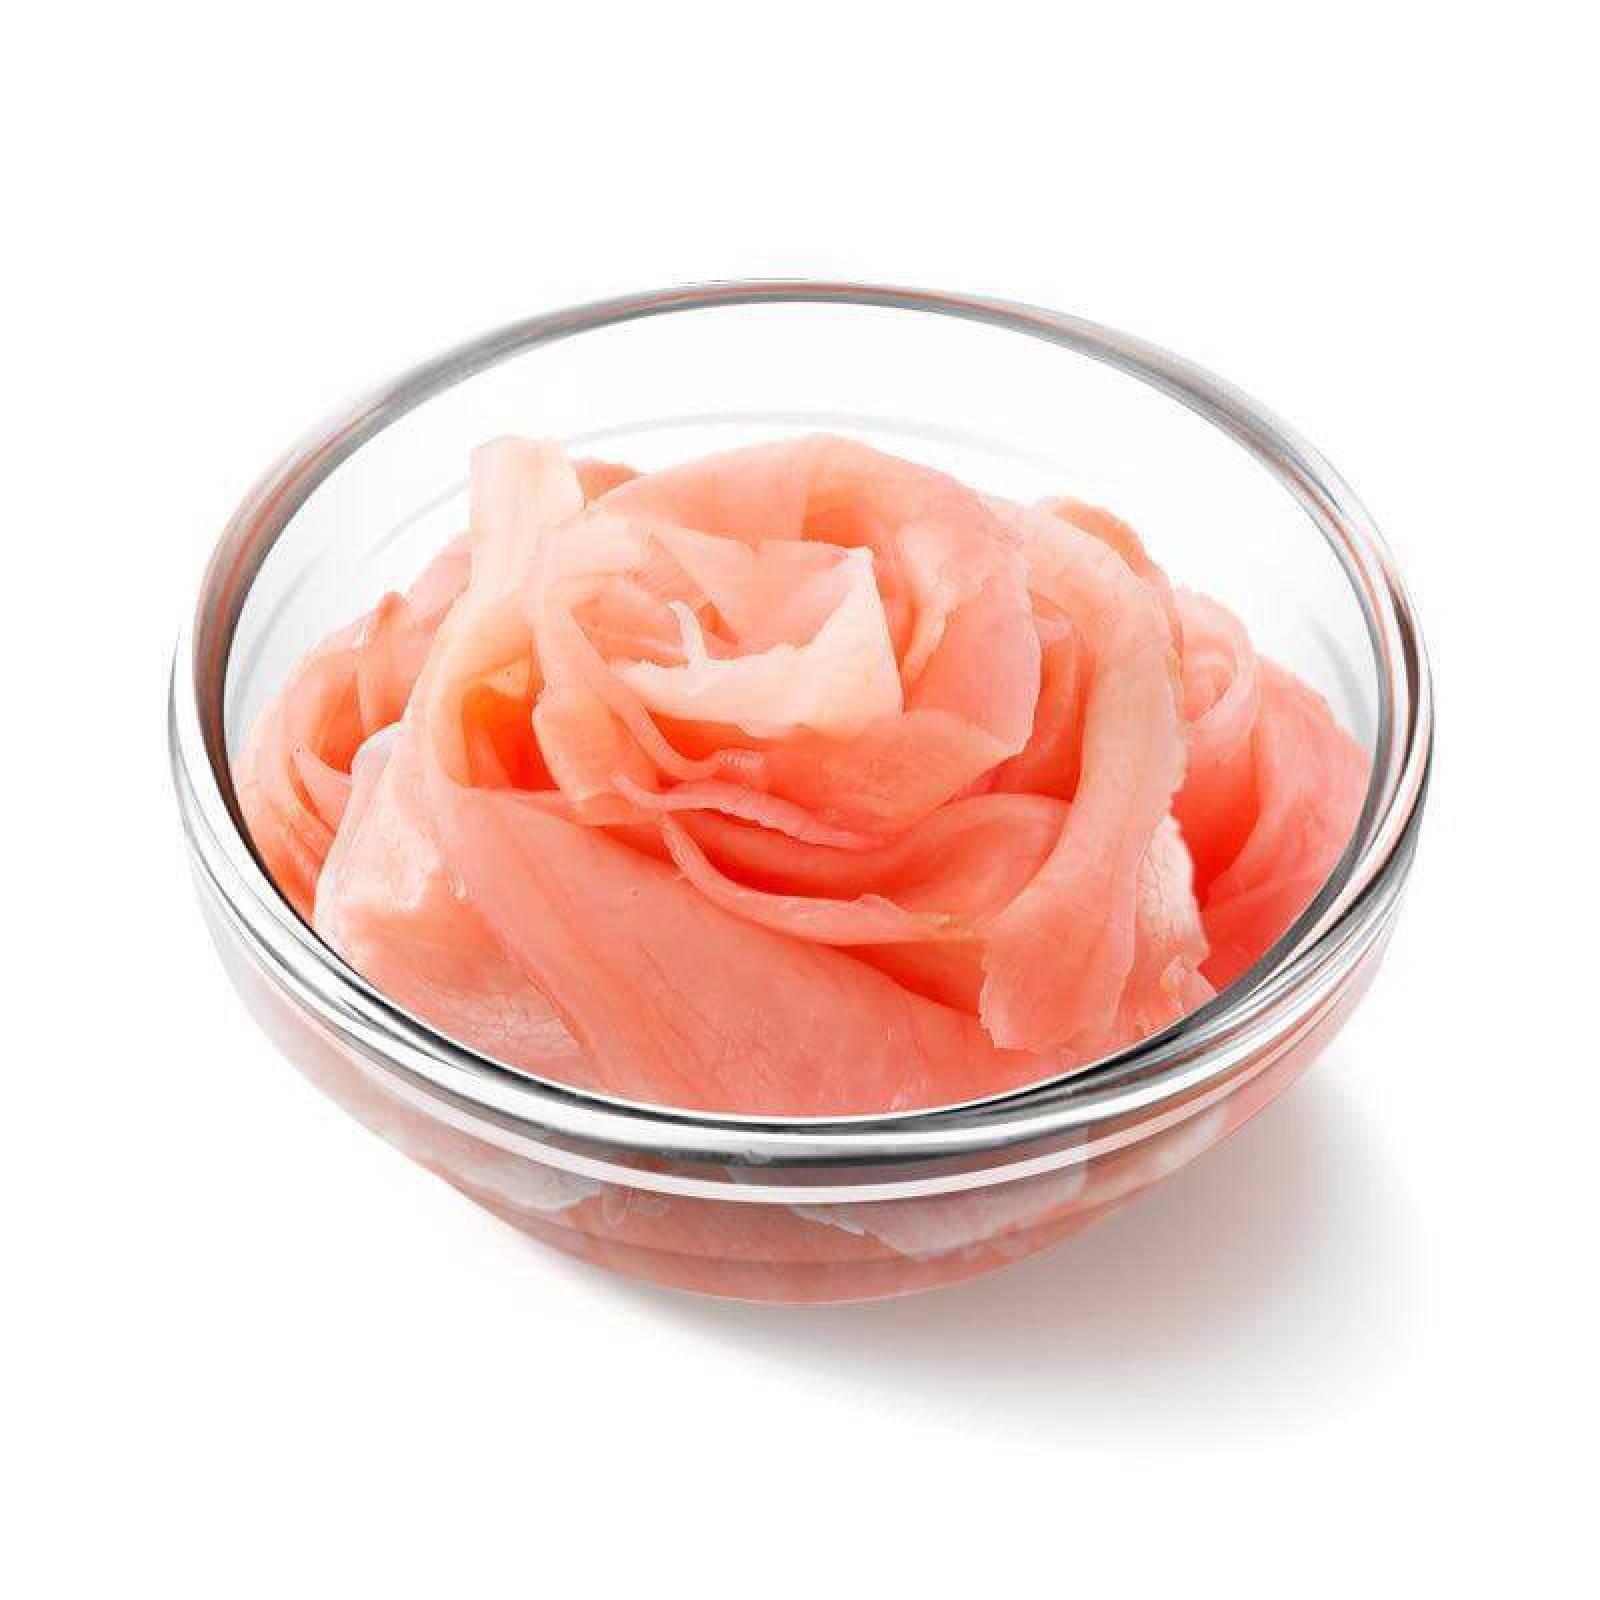 Почему маринованный имбирь розового цвета – вы спрашивали, мы отвечаем